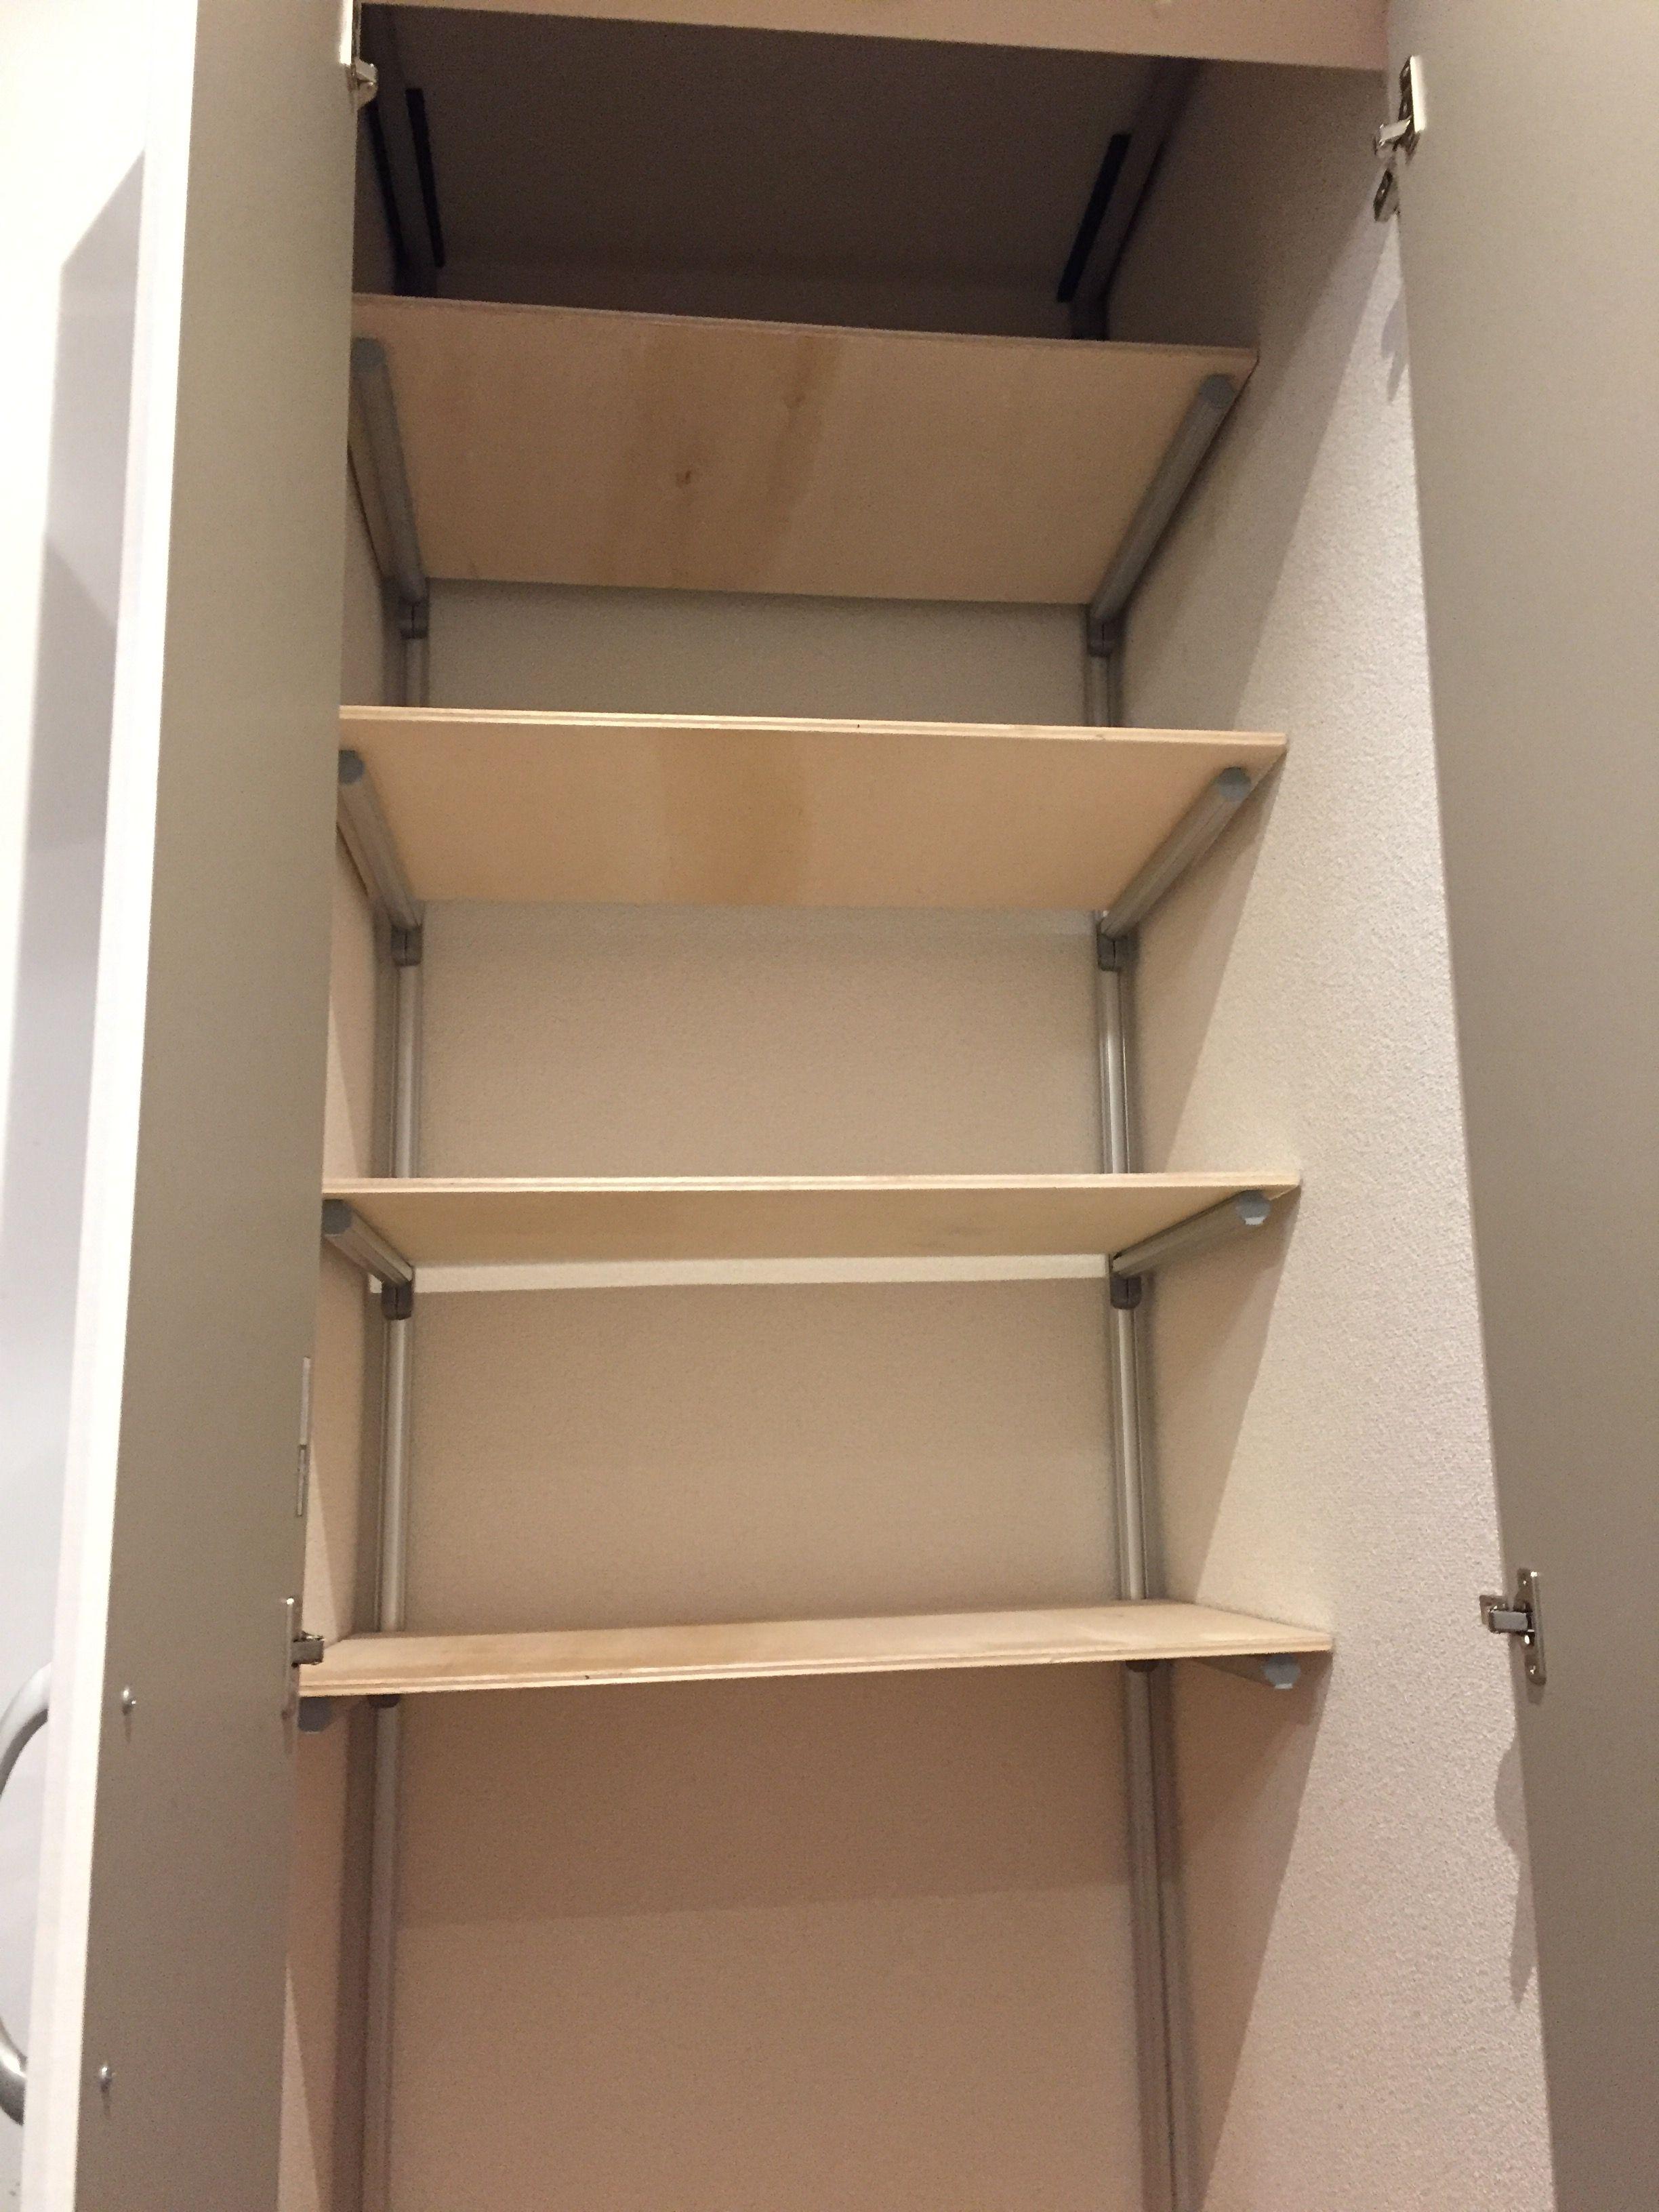 パントリーの可動式収納棚をdiy 製作編 収納棚 棚 フレーム棚